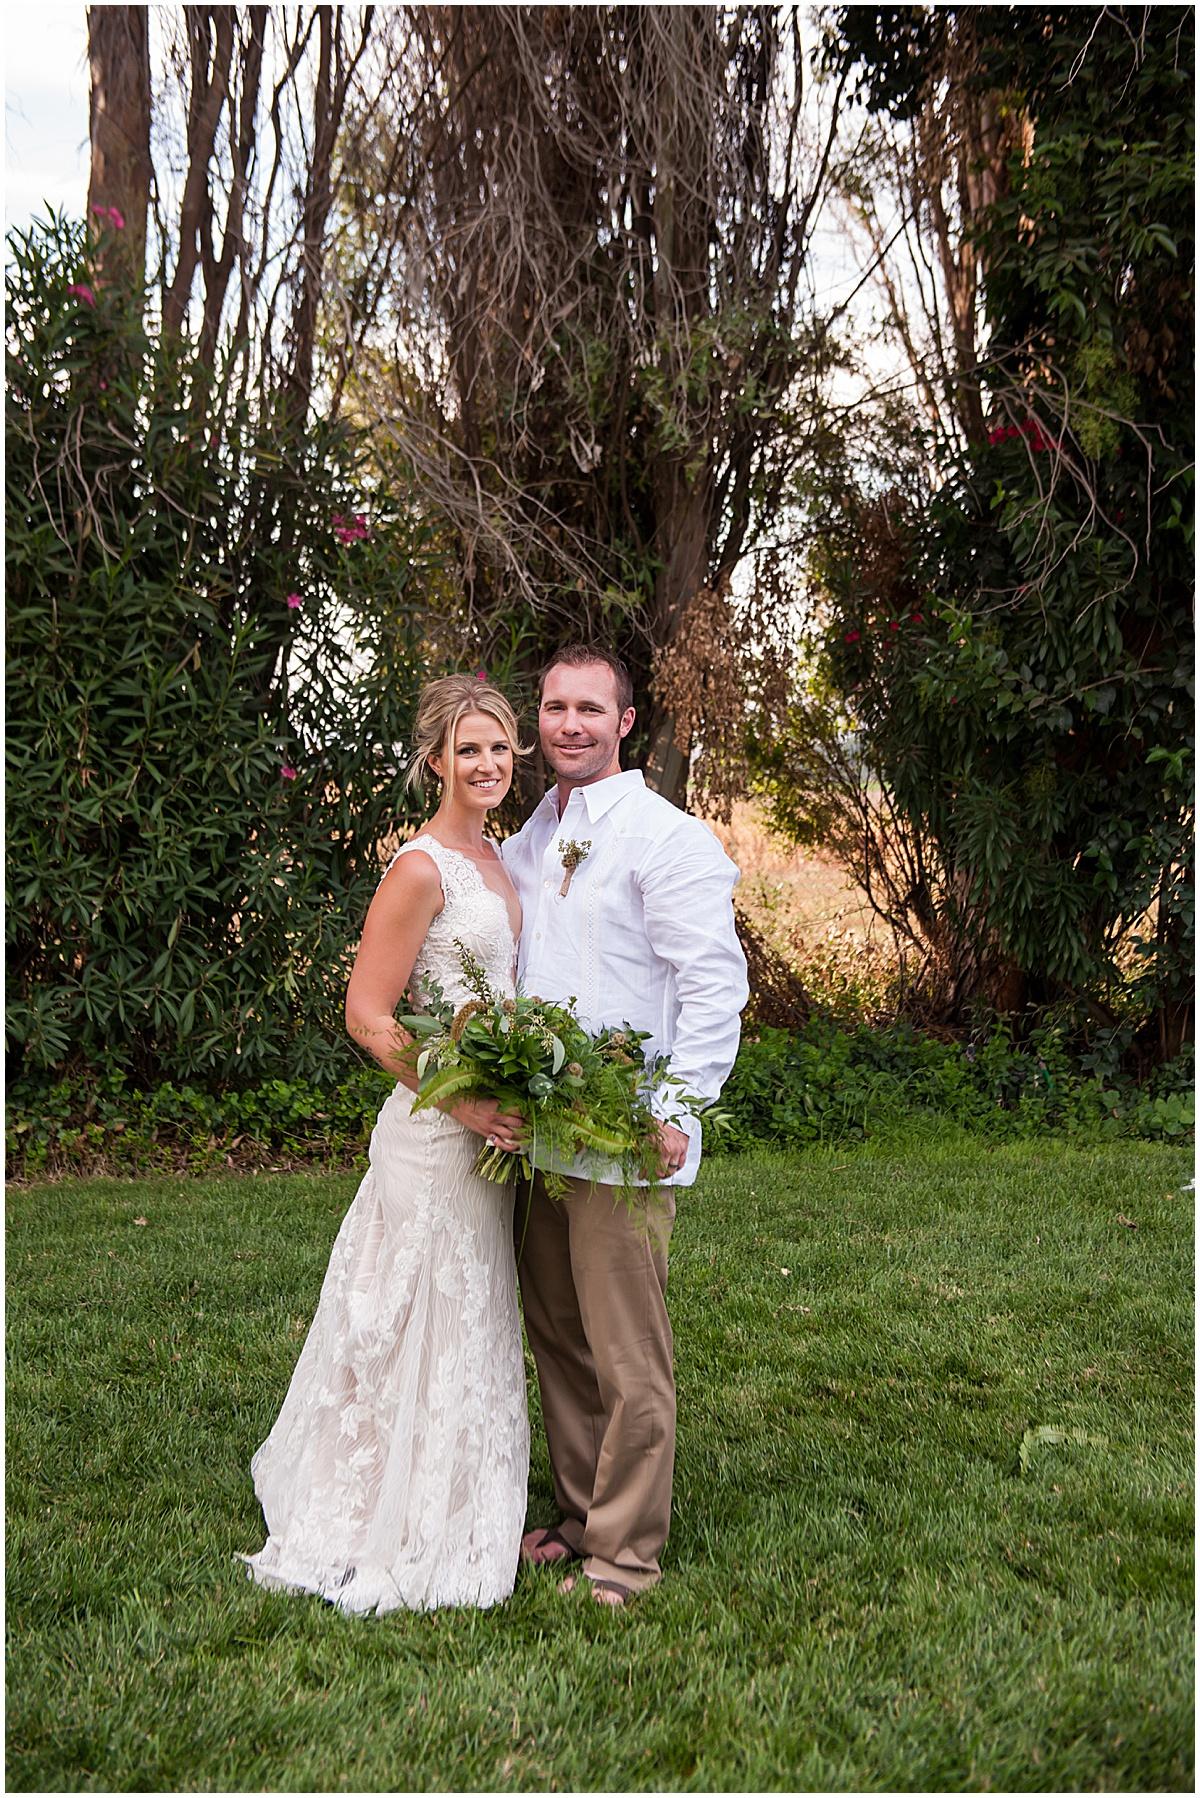 Morgan Hill Estate Botanical Wedding | Brina and Andy036